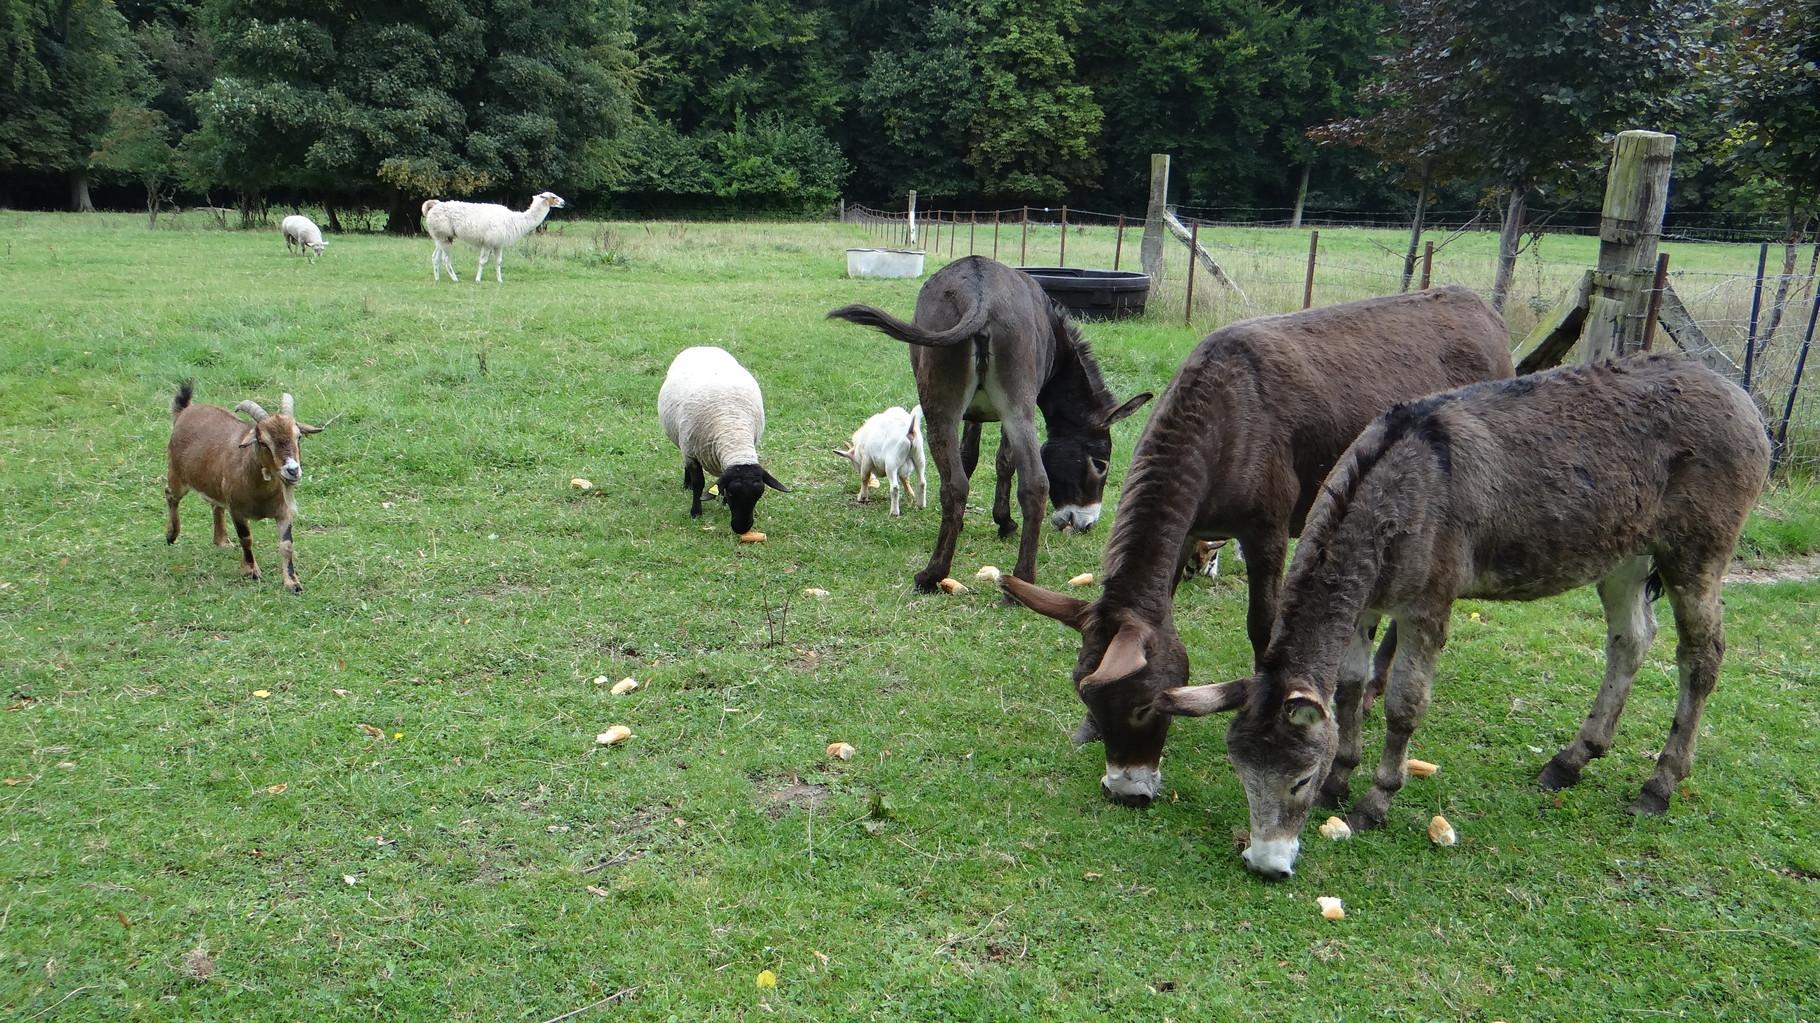 Les animaux dans le camping en Baie de Somme